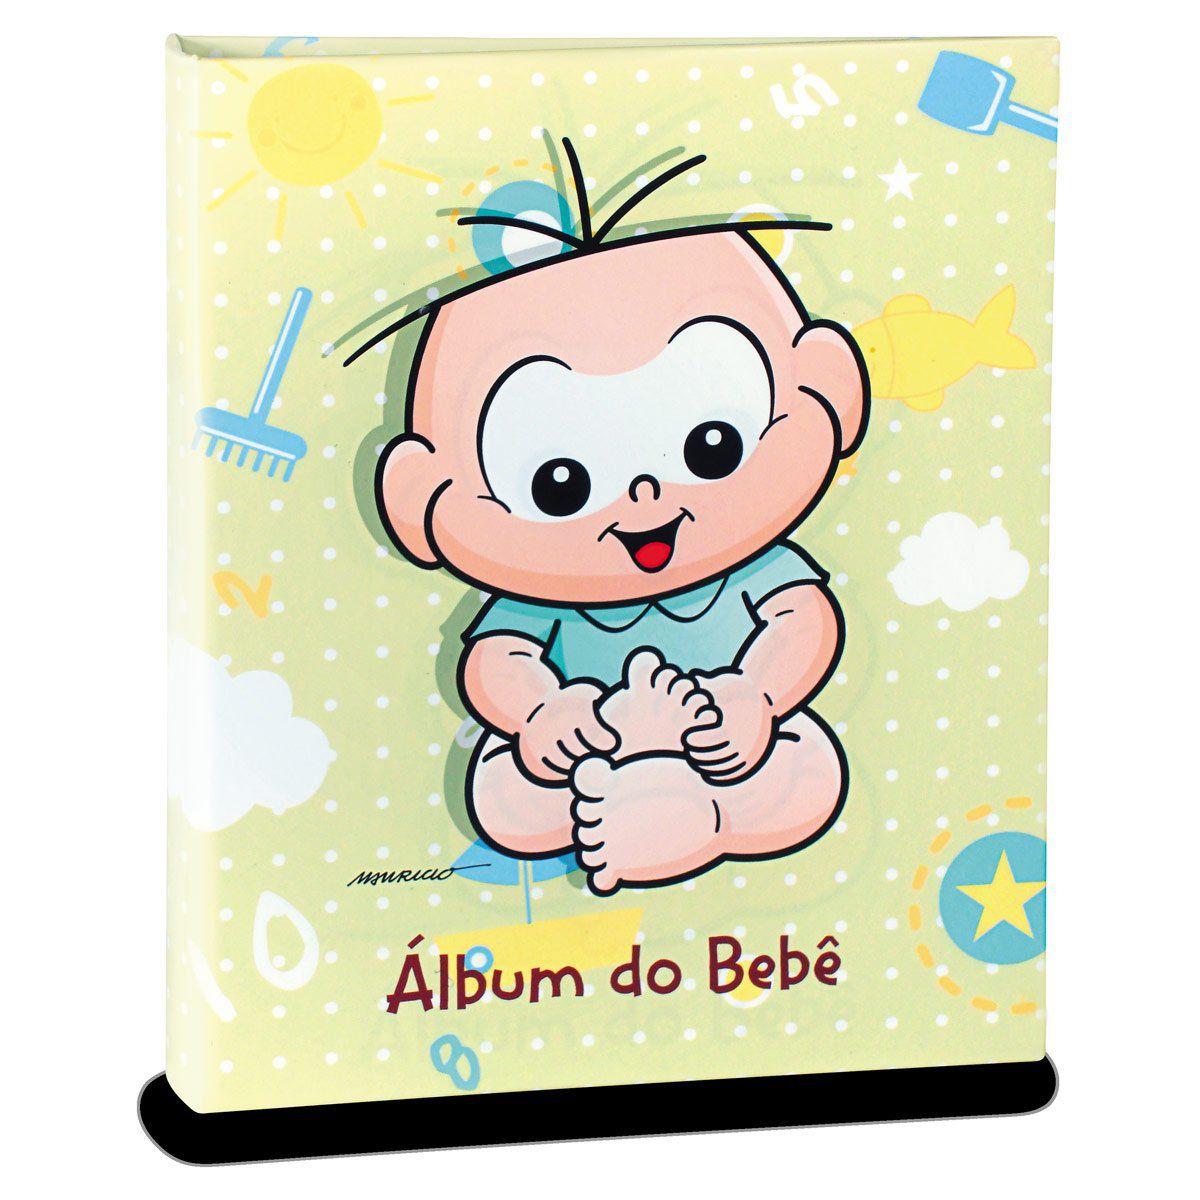 Álbum de Fotos Turma da Mônica Baby - Cebolinha 120fts